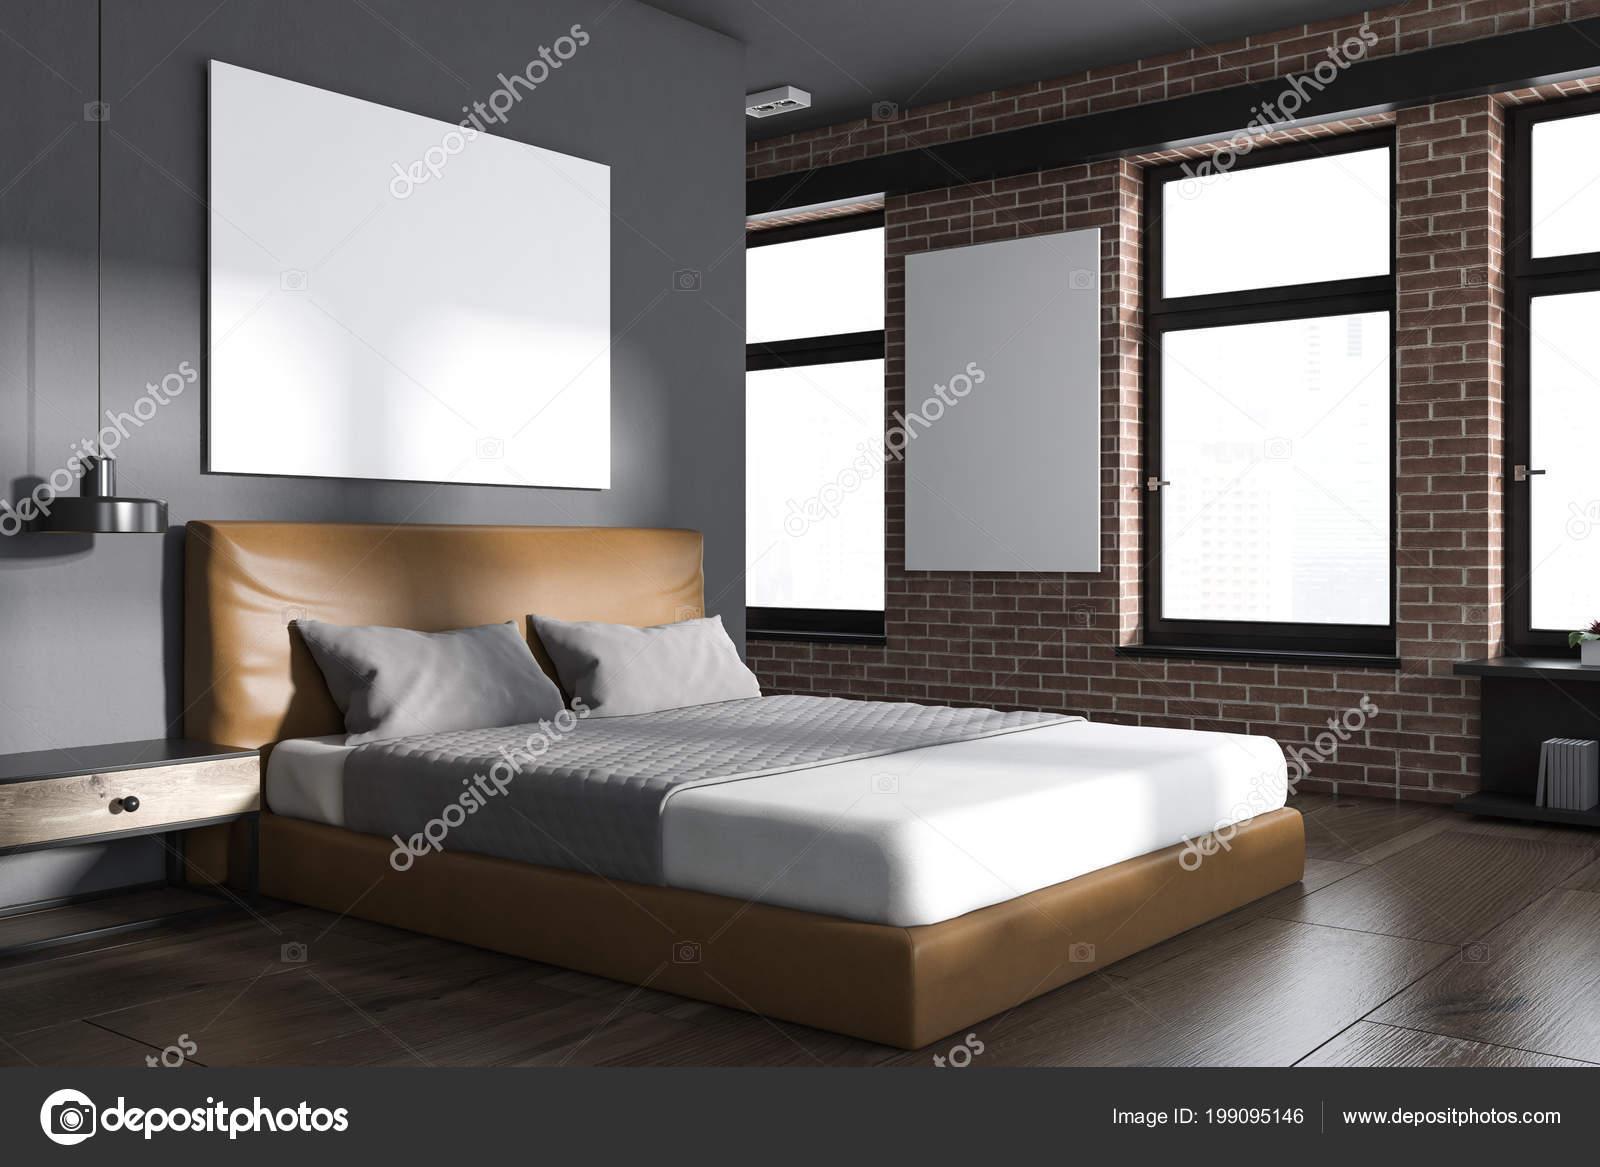 Letto Grigio Scuro : Angolo camera letto moderna con pareti mattone grigio scuro